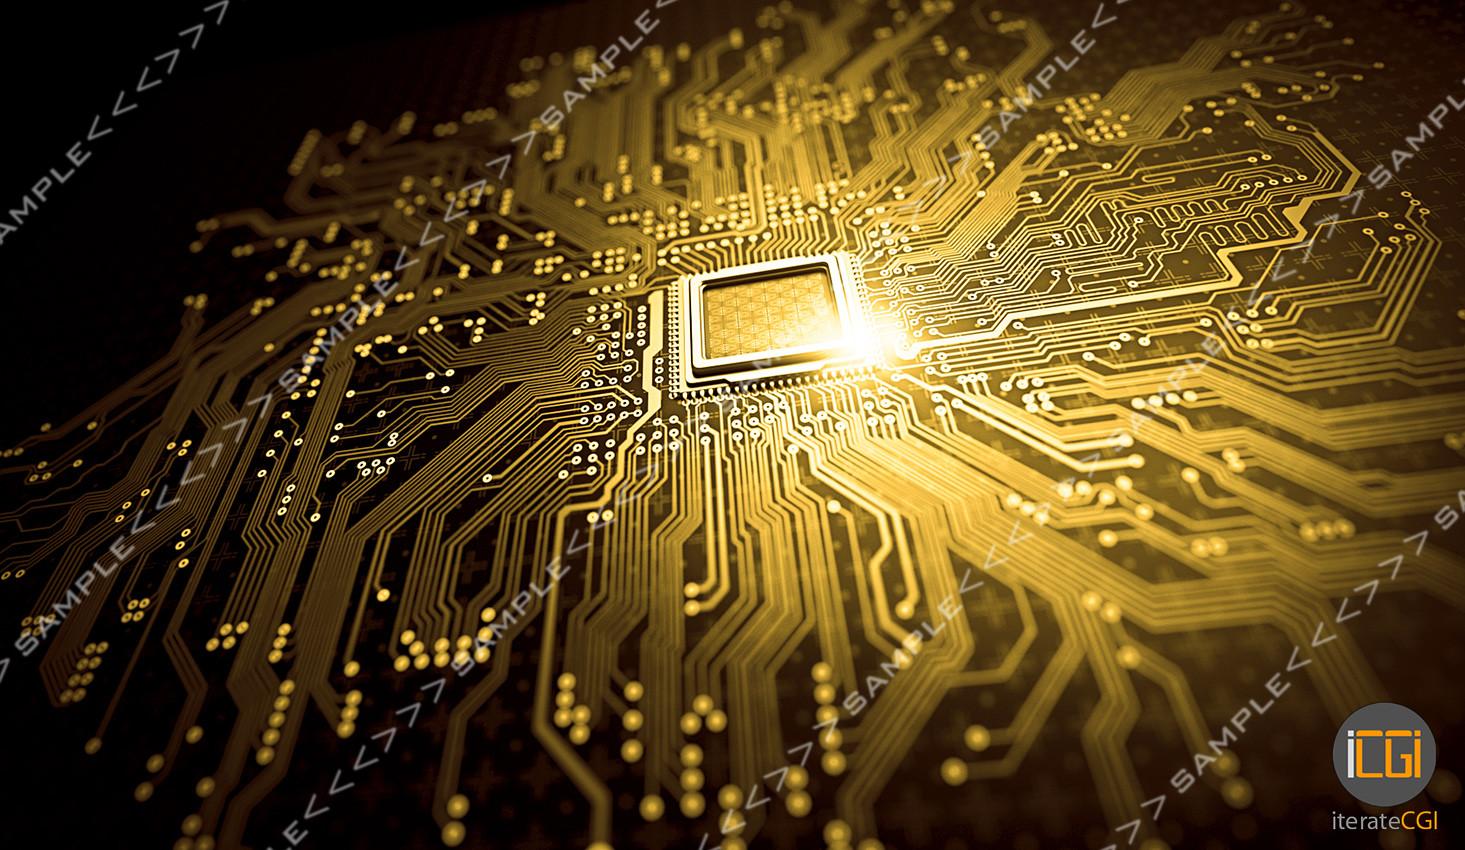 Johan de leenheer quantum processor9